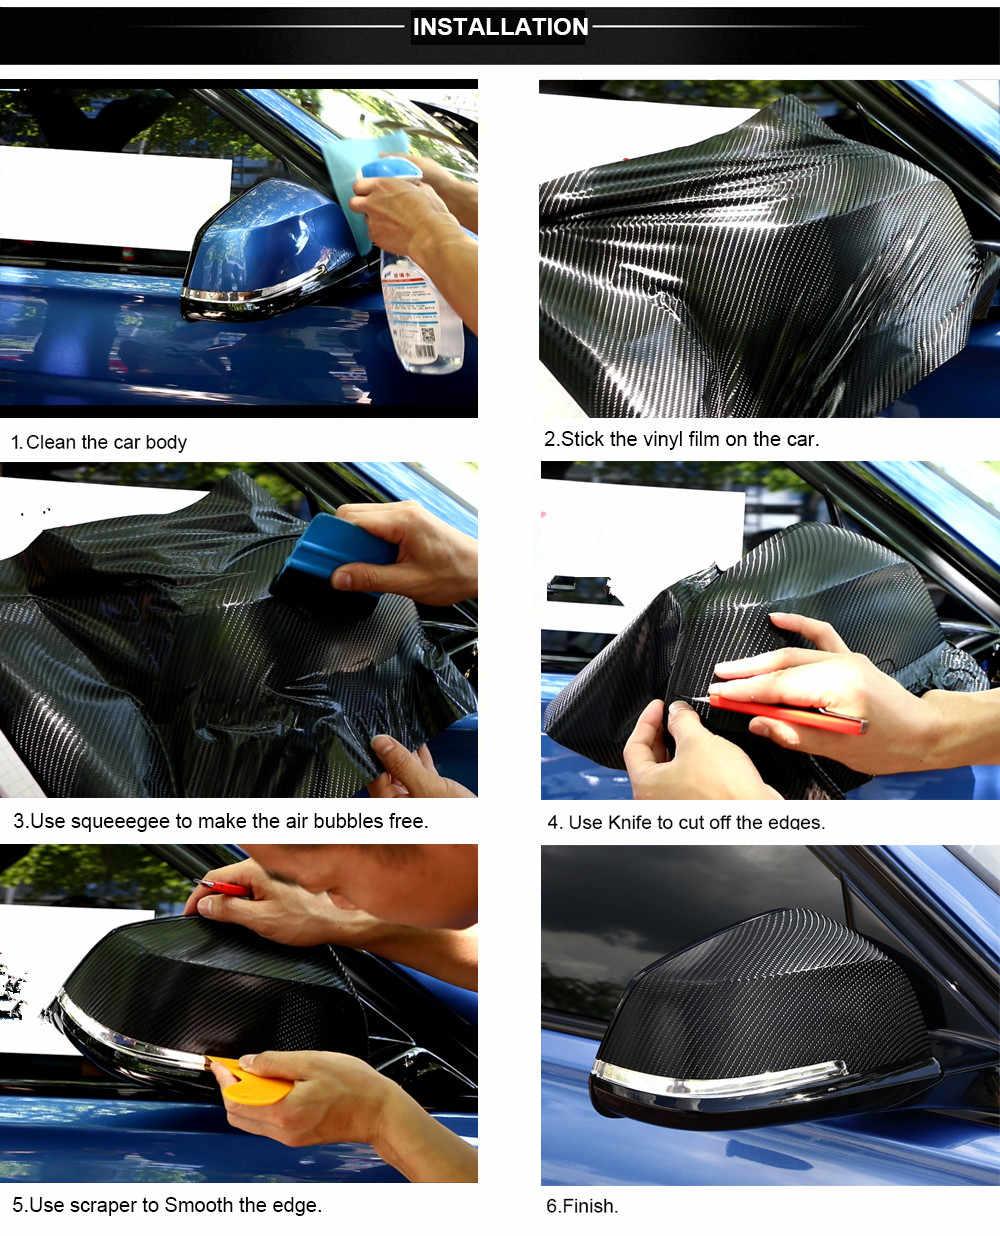 30x127 см 3D 5D автомобильная пленка из углеродистого волокна пленка и наклейки для peugeot 206 307 406 407 207 208 308 508 2008 3008 4008